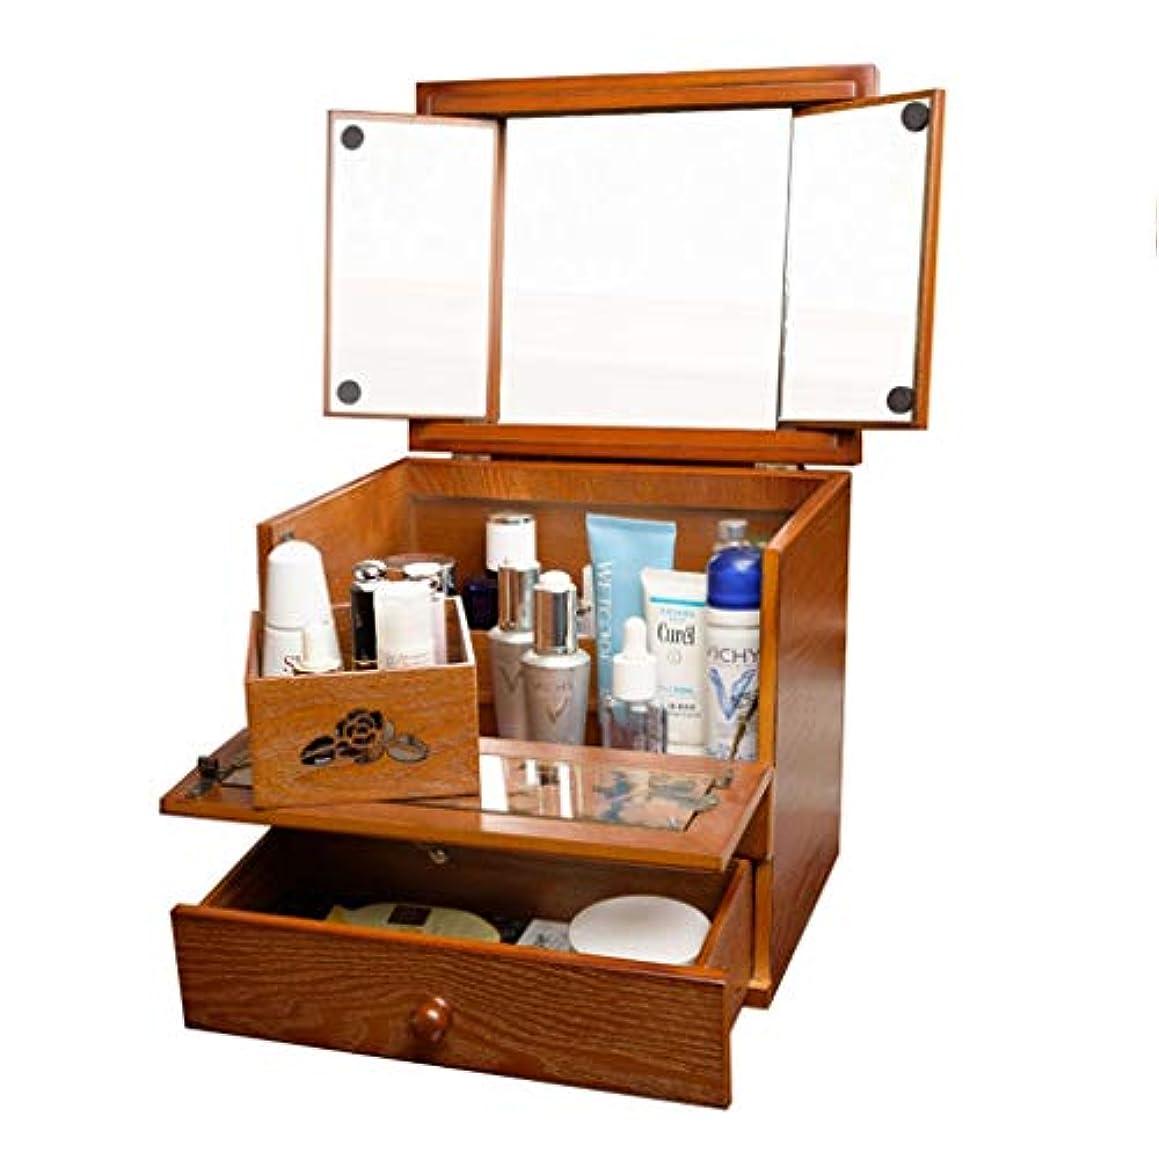 分解する熱心なシャッフルメイクボックス 家庭化粧品収納ボックス木製大容量化粧箱鏡付きの小さなドレッシングテーブル (Color : Brown, Size : 27.5x22.5x32.5cm)